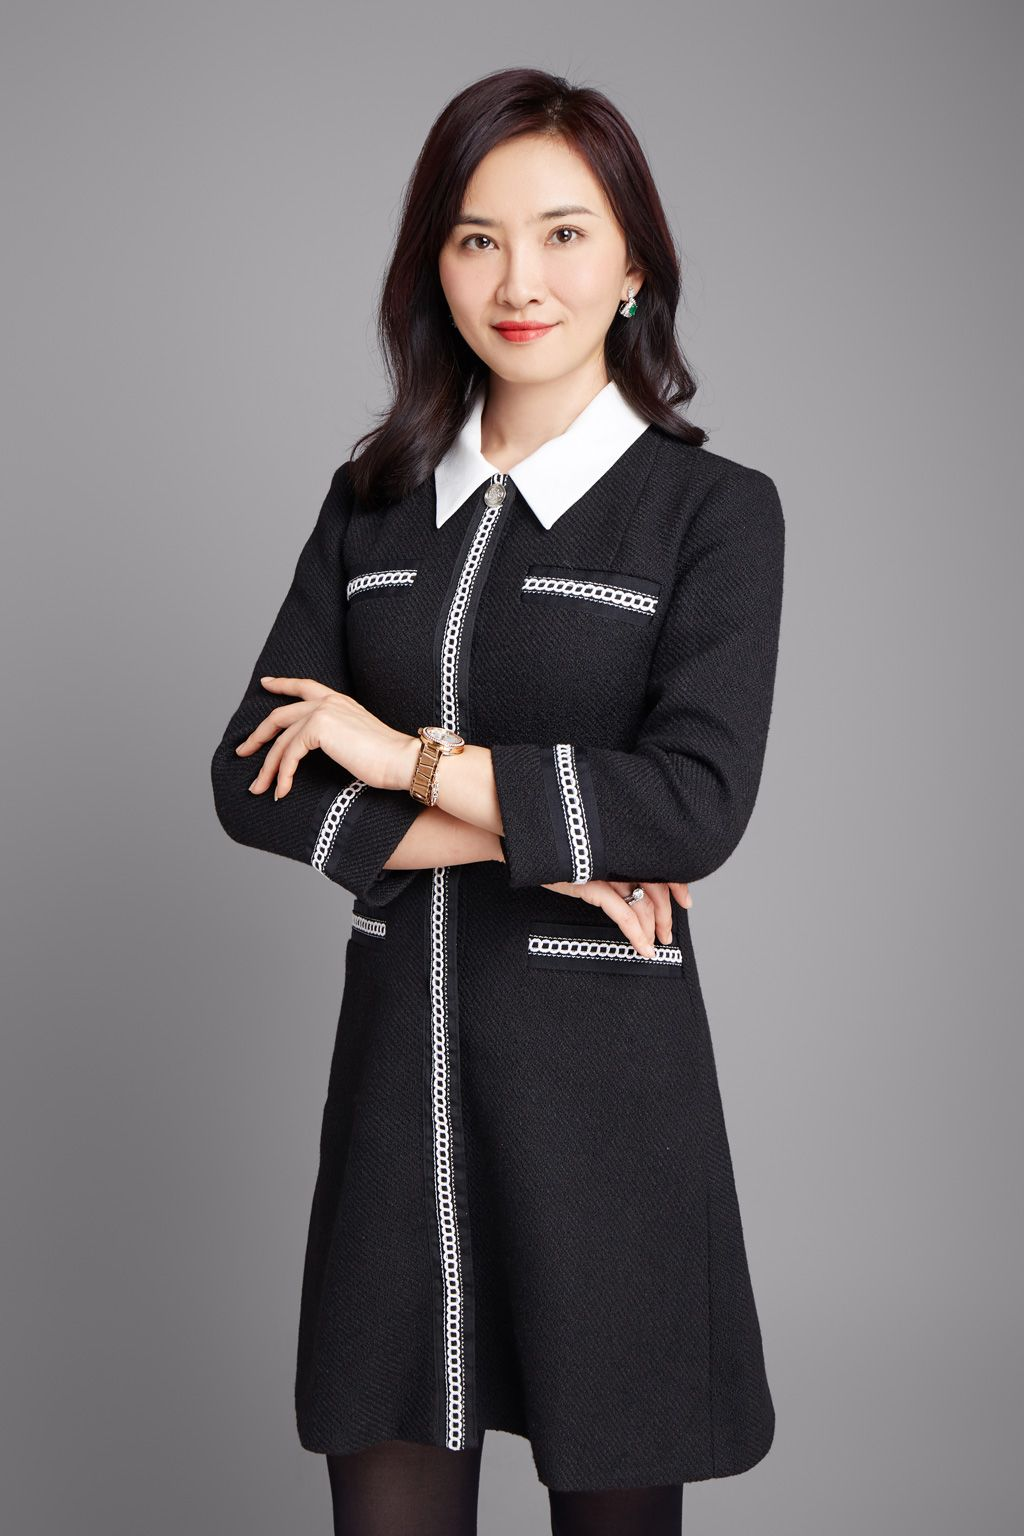 Xie Hexin